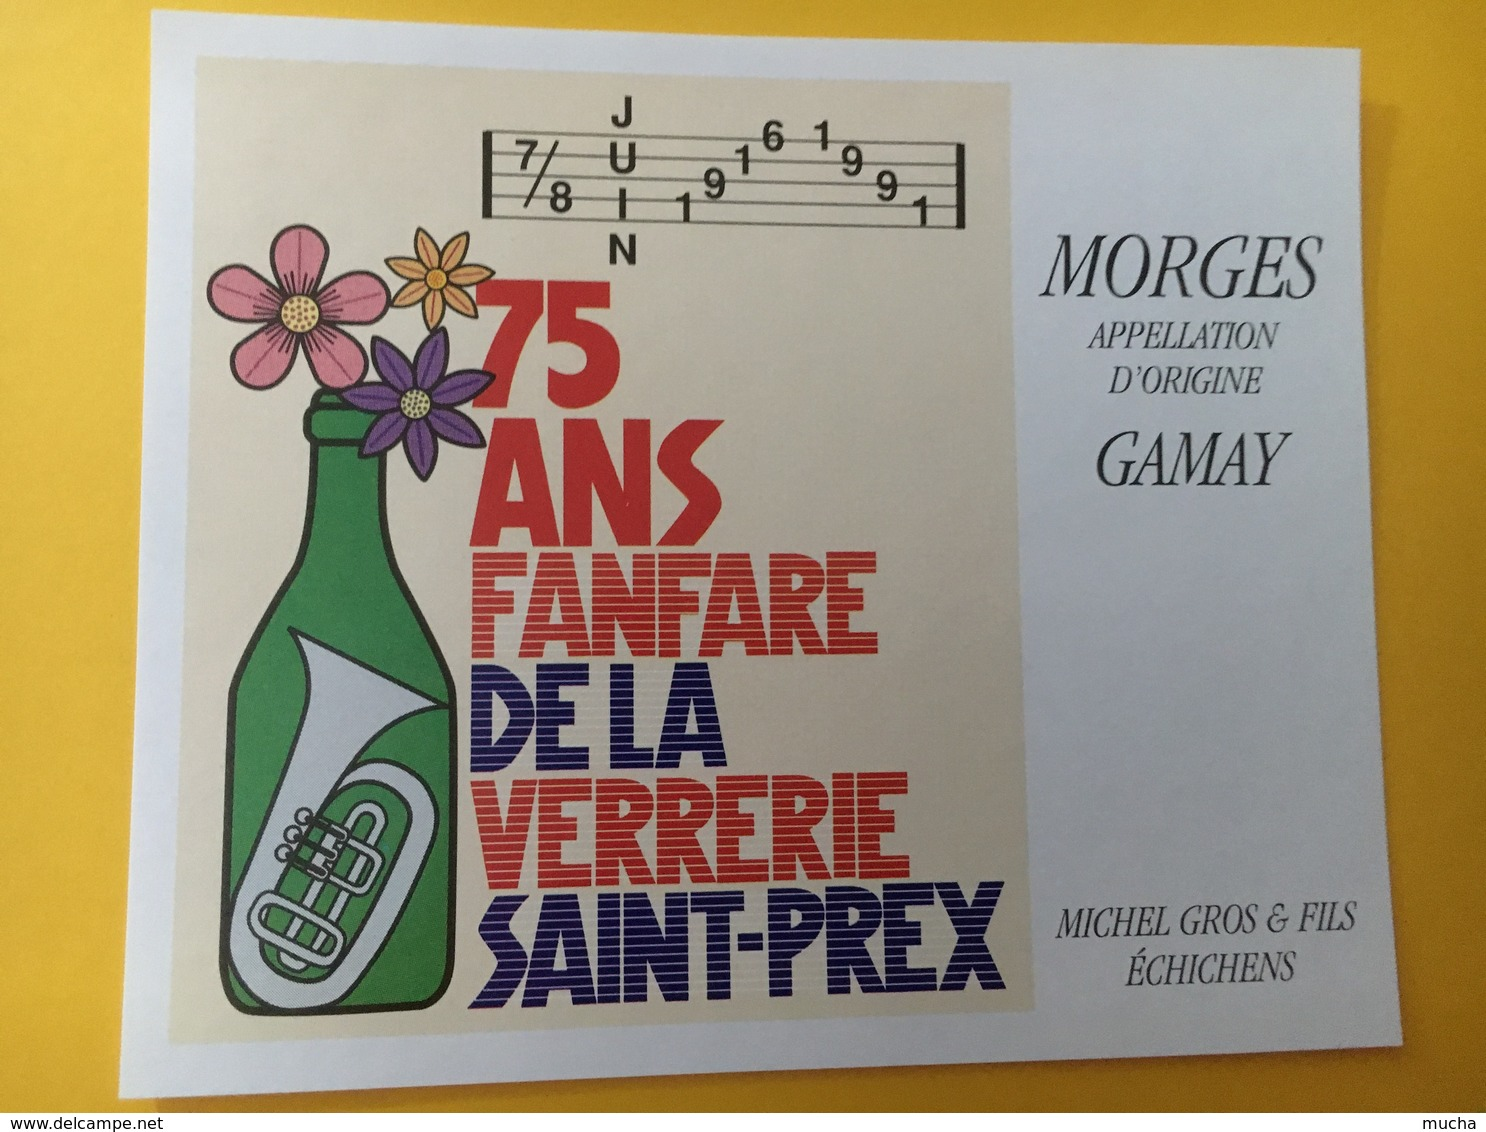 8738 - 75 Ans Fanfare De La Verrerie Saint-Prex 1916-1991 Suisse 2 étiquettes - Musique